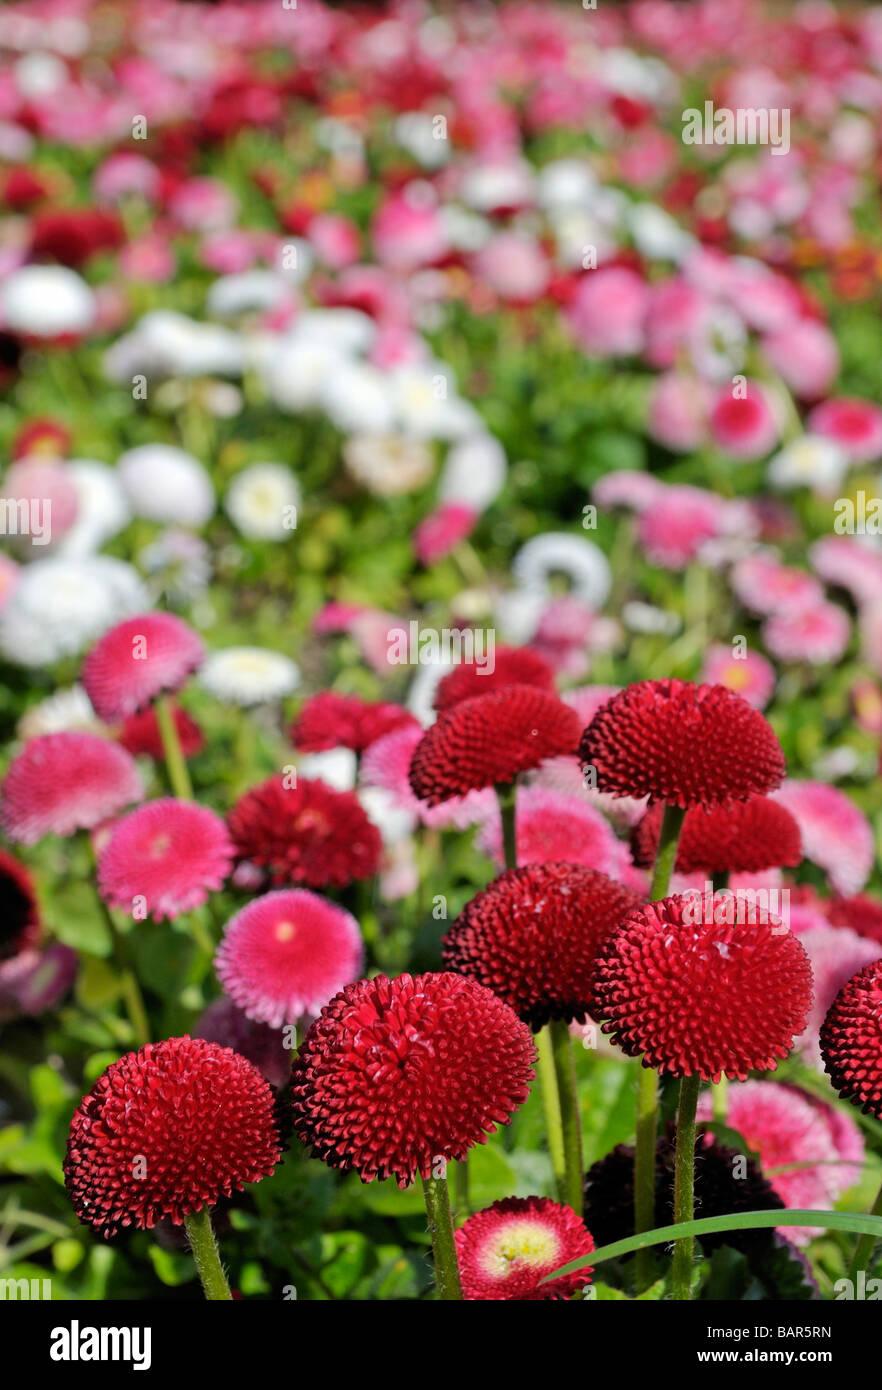 Red daisy bellis perennis cultivar pomponette double daisy stock red daisy bellis perennis cultivar pomponette double daisy izmirmasajfo